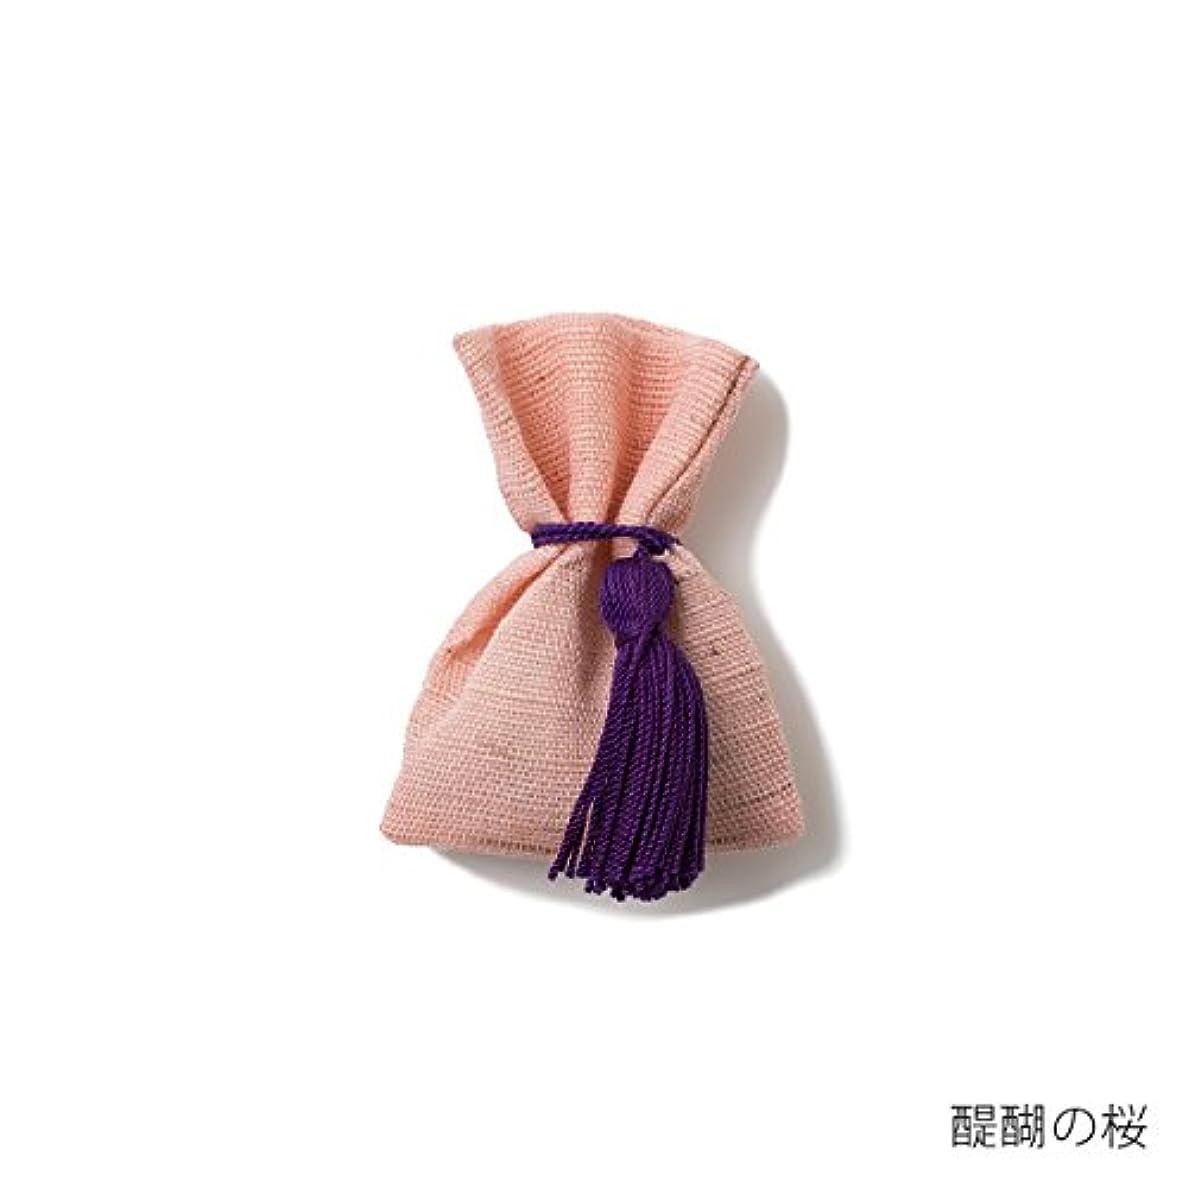 無知またリップ【薫玉堂】 京の香り 香袋 醍醐の桜